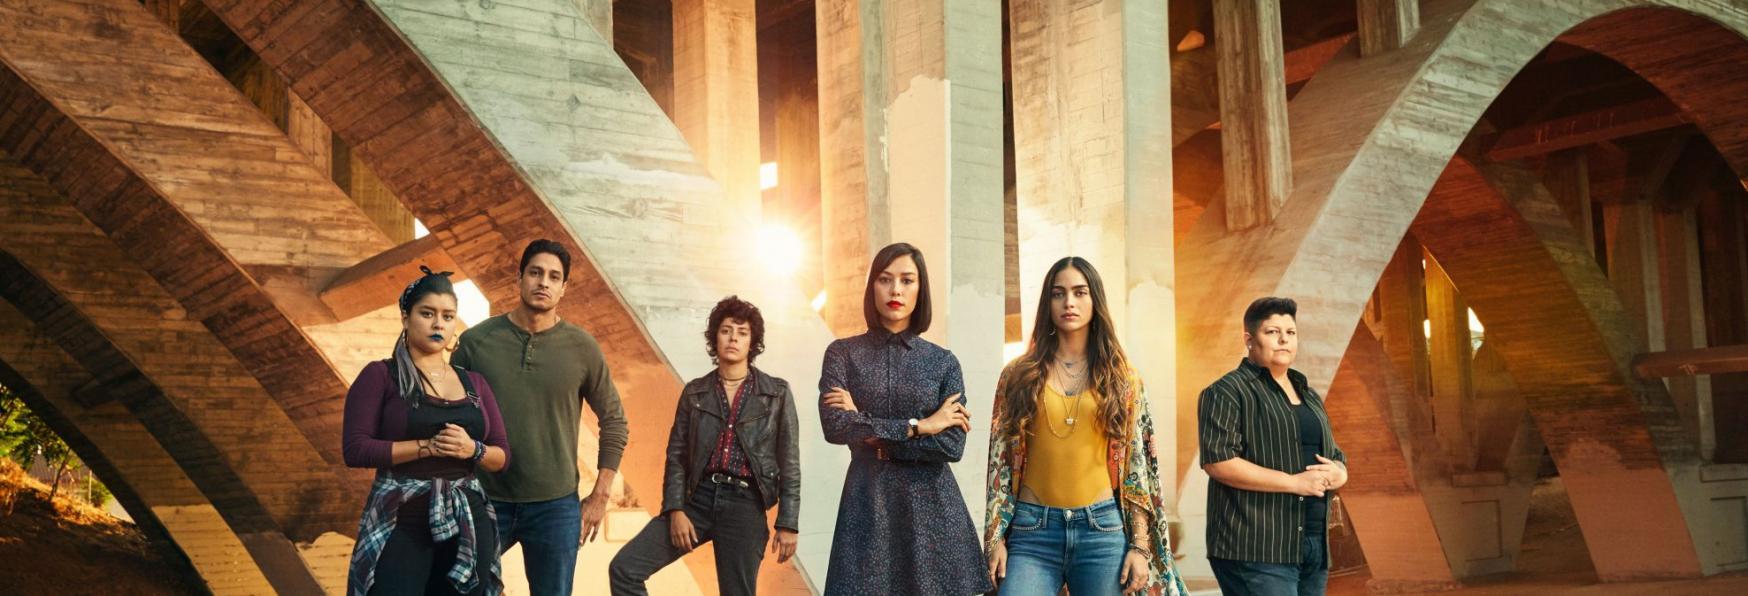 Vida 3: Trama, Cast e Data di Uscita dell'Ultima Stagione della Serie TV Starz